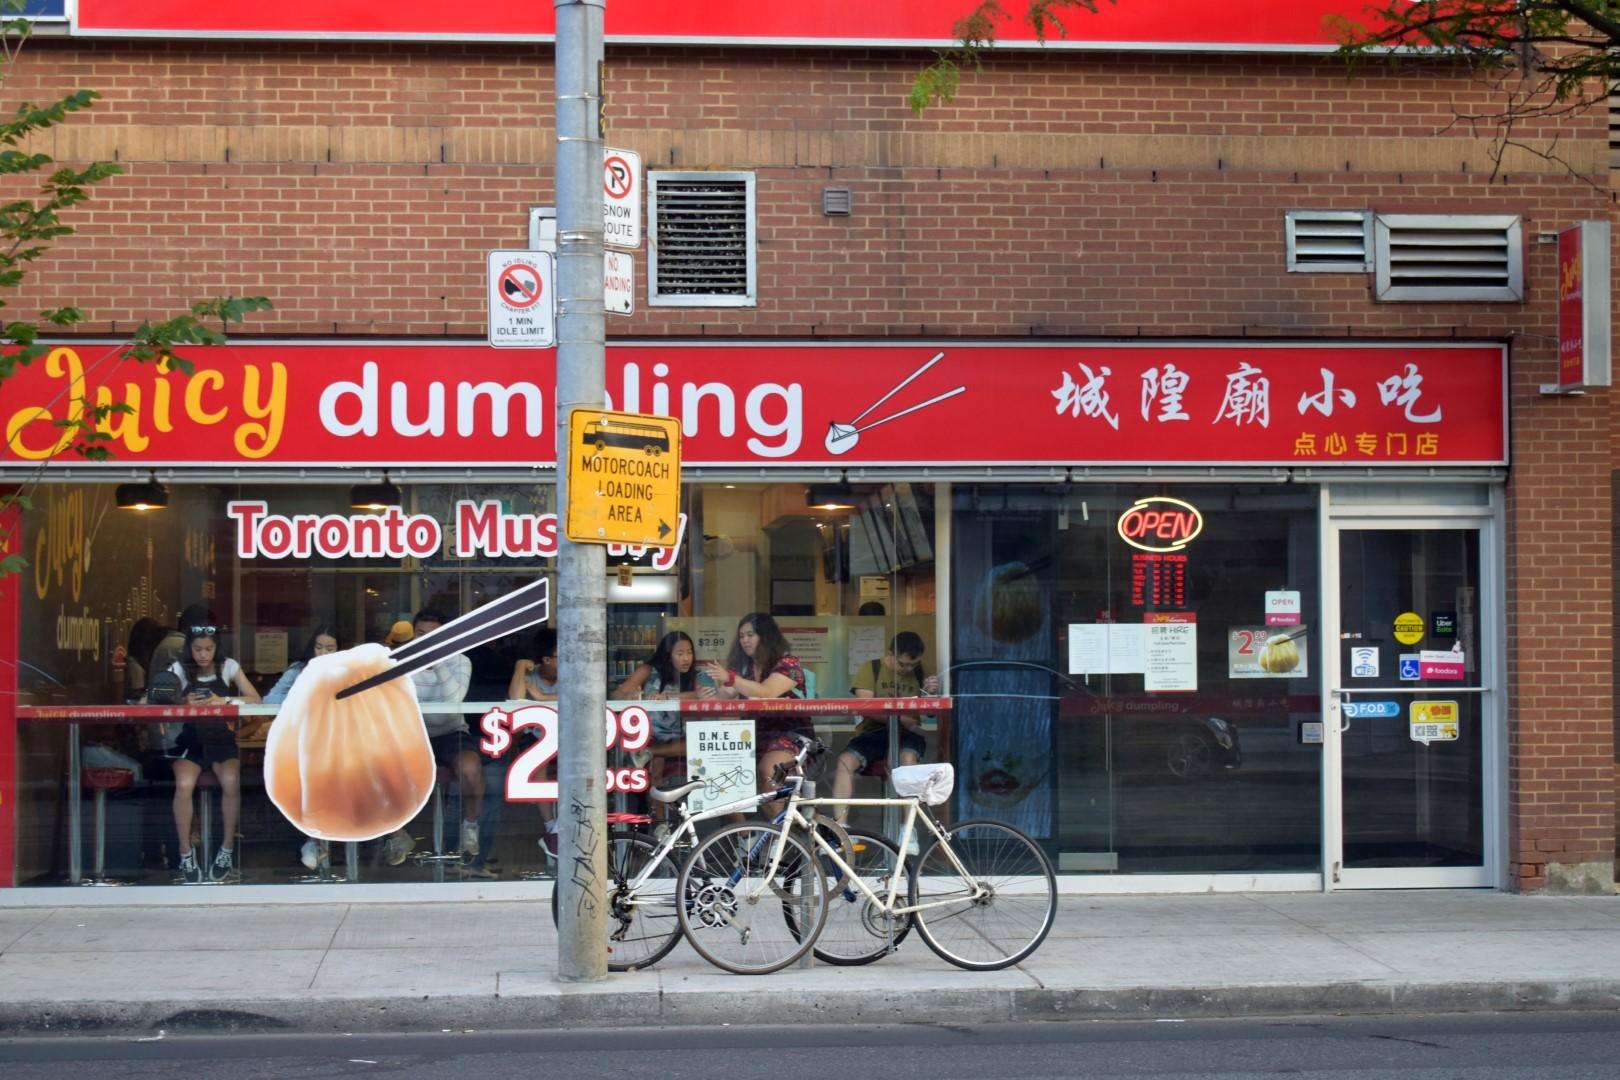 Chinatown, Spadina, Toronto